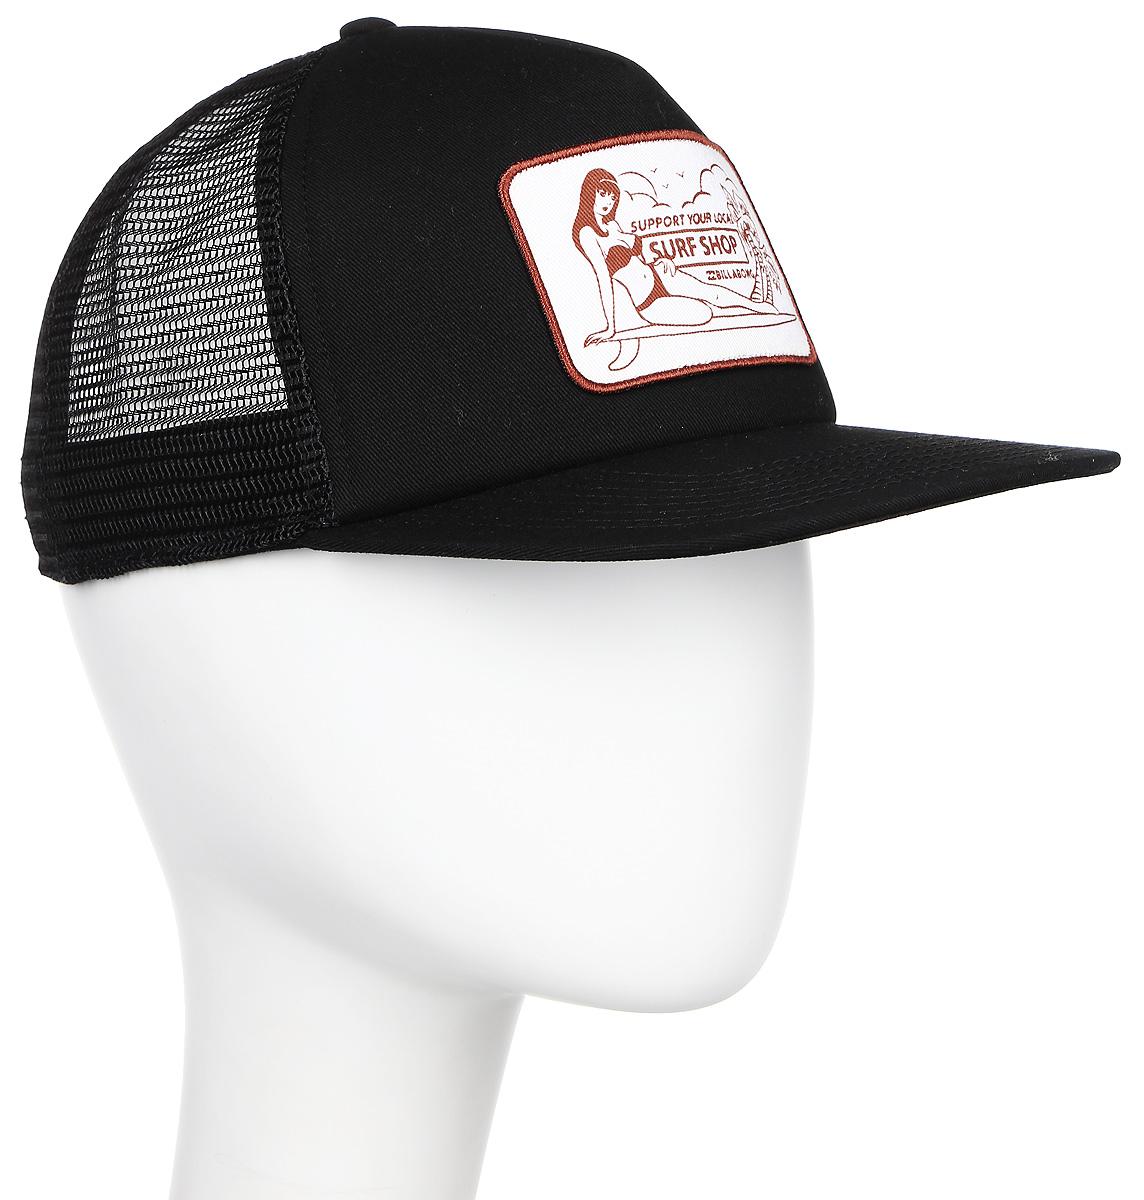 Купить Бейсболка Billabong Support Trucker, цвет: черный. 3607869369025. Размер универсальный